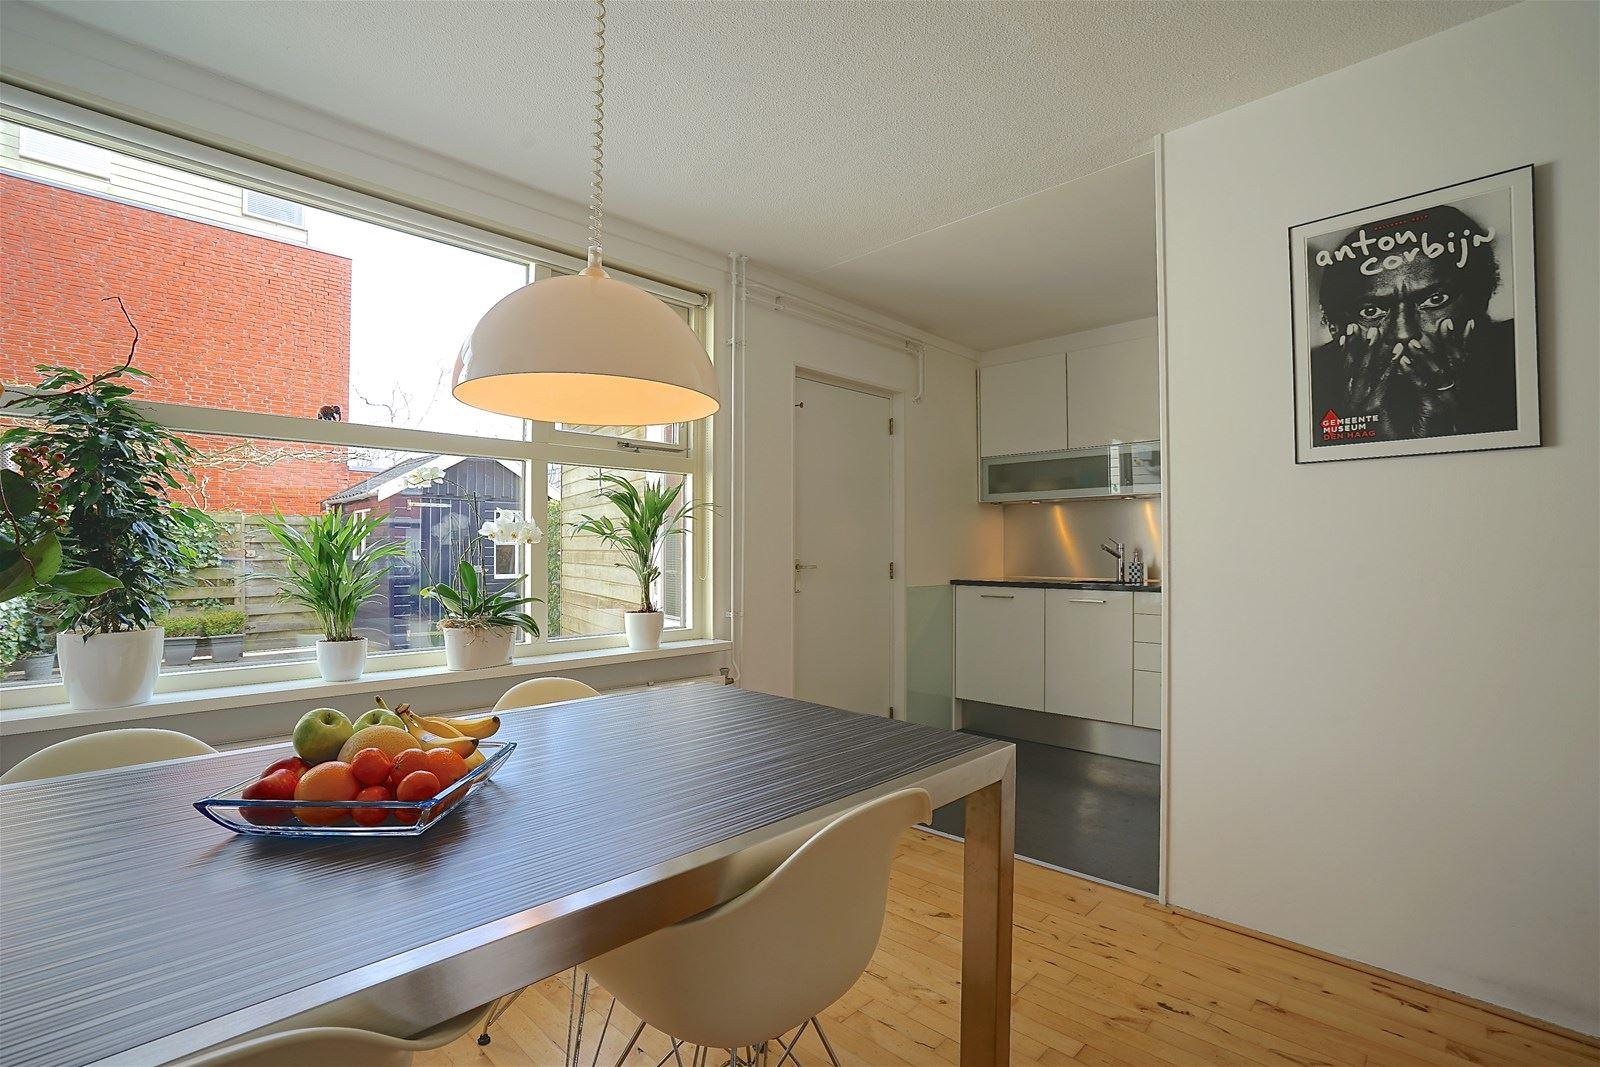 Verkocht g sterringastraat 64 9728 vv groningen funda - Huis vv ...